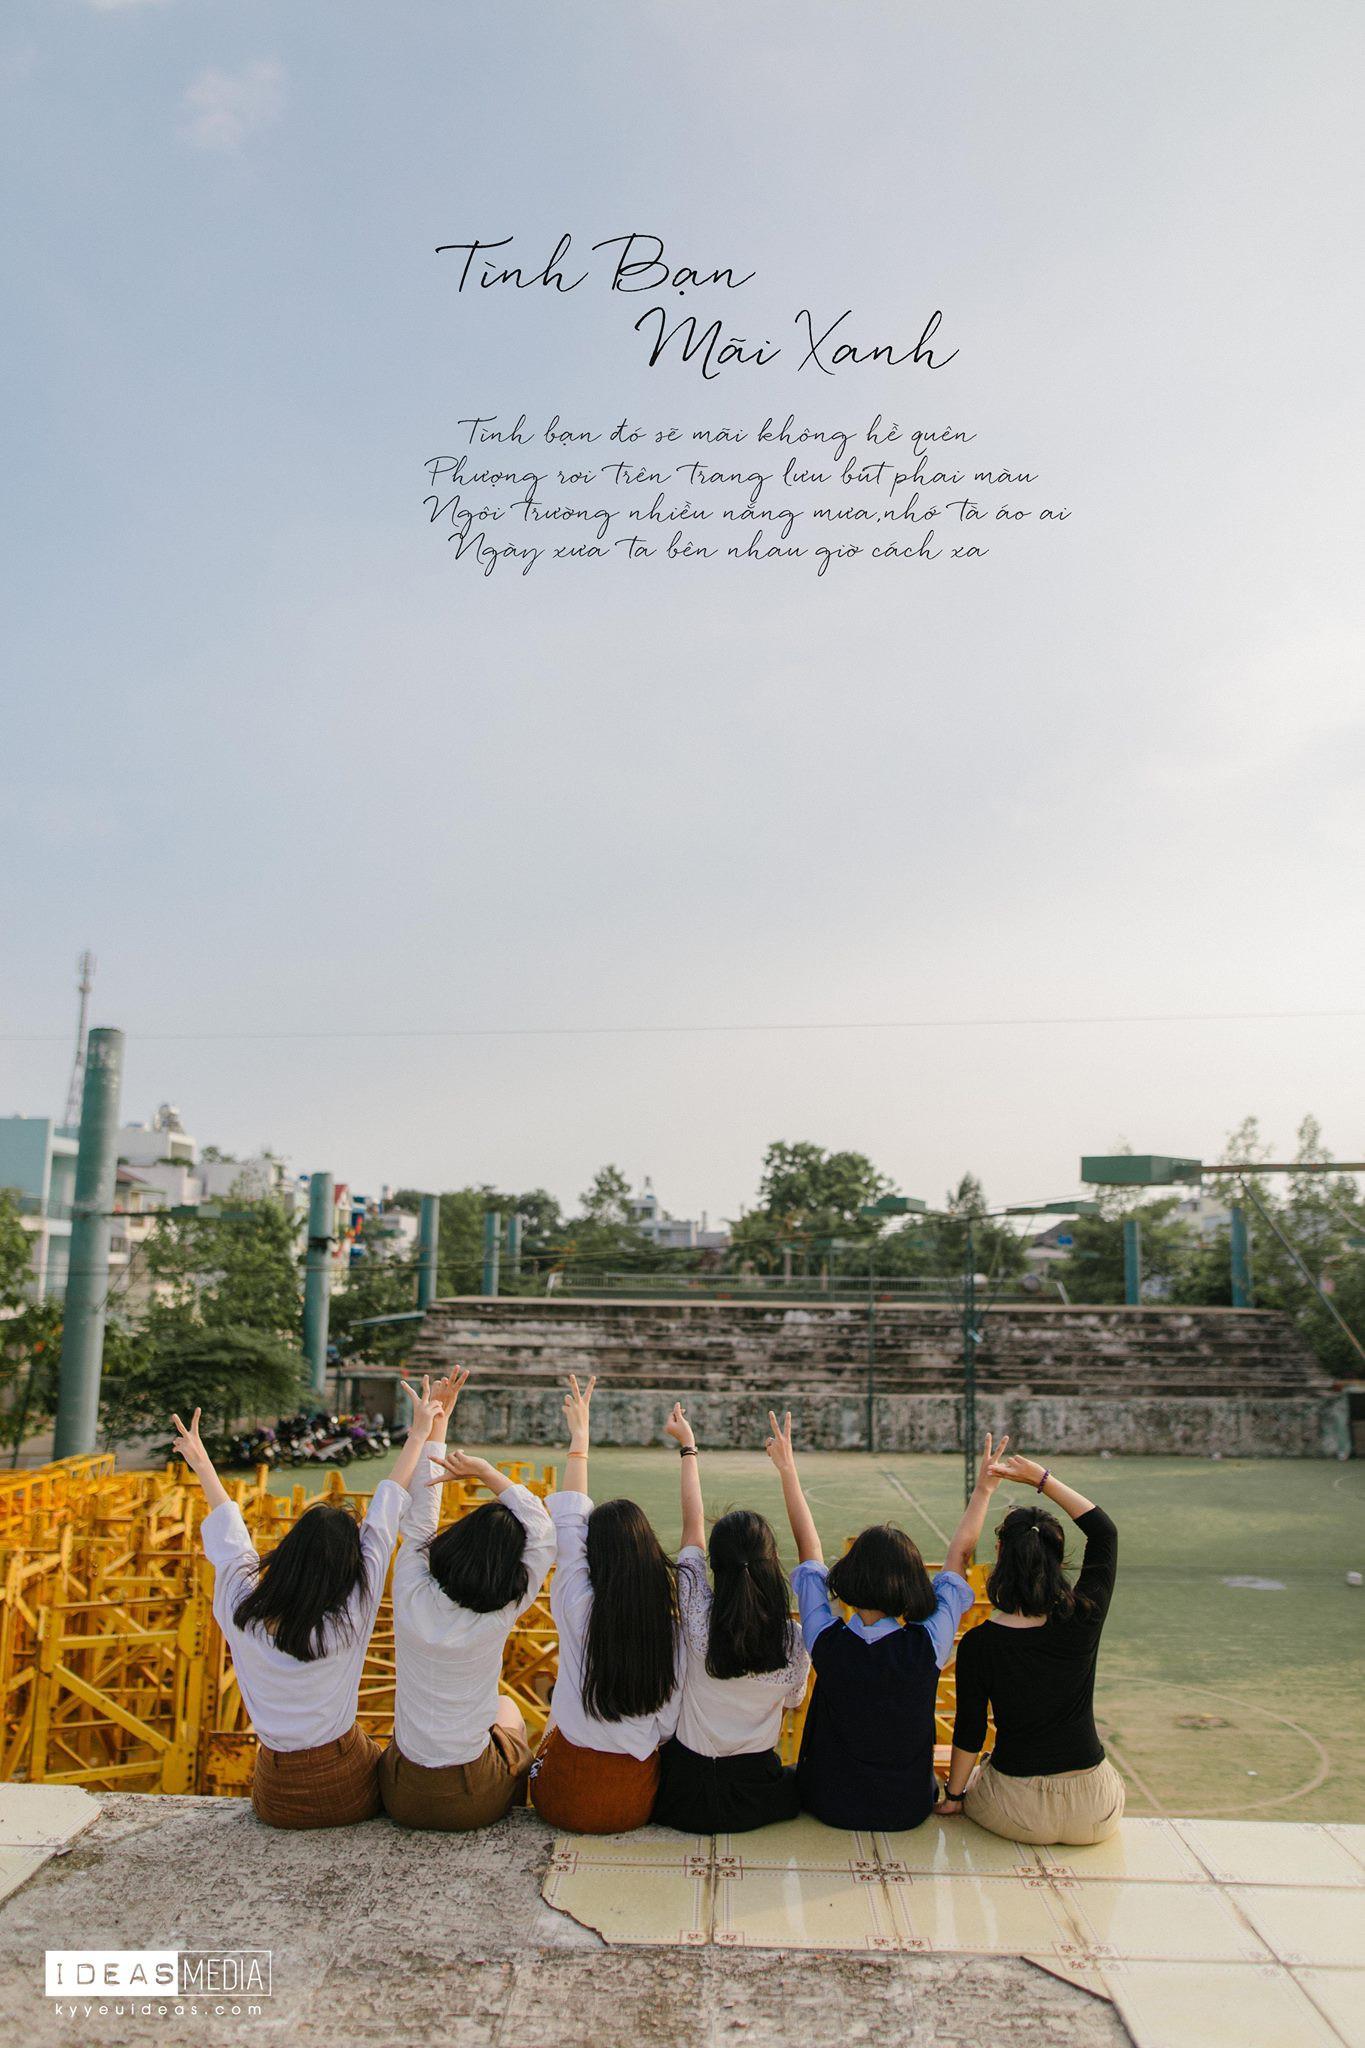 HS trường Trưng Vương Sài Gòn chụp ảnh kỷ yếu theo phong cách Phía trước là bầu trời - Ảnh 9.